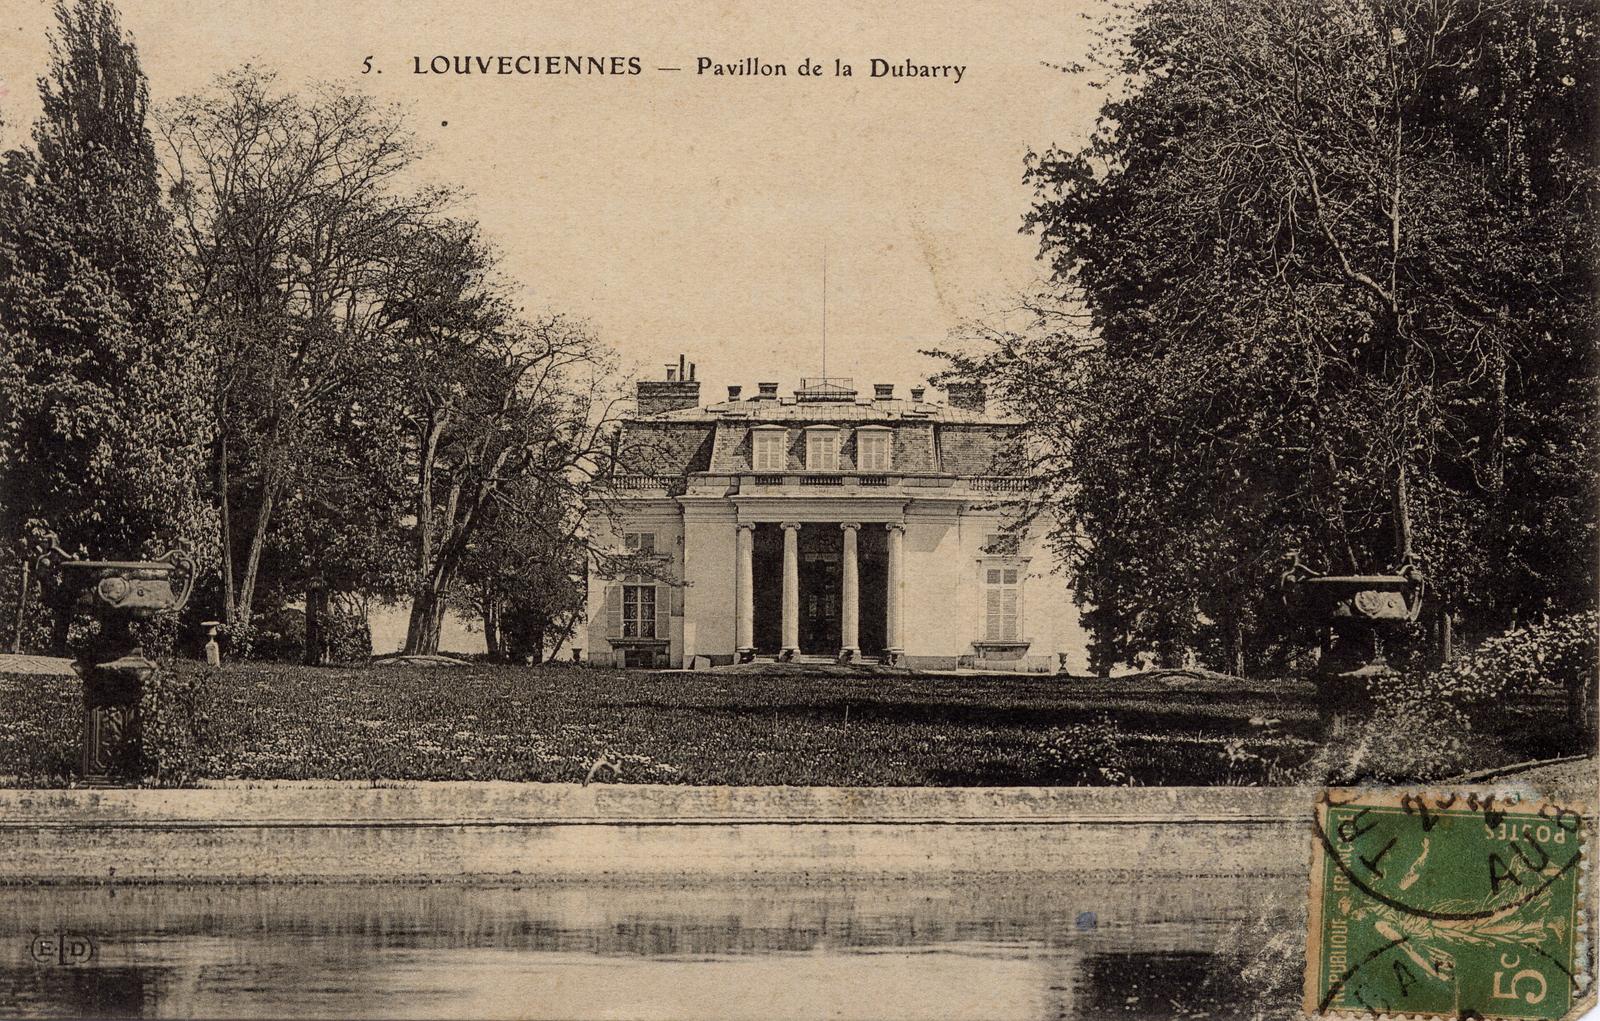 """Louveciennes - CHÂTEAU DU BARRY : Ancienne résidence d'Arnold de Ville, ingénieur de la machine hydraulique de Marly.La propriété, sous le règne de Louis XV fut offerte à Mme du Barry en 1771. Nicolas Ledoux fut chargé par le roi d'établir les plans d'un pavillon de musique dans le parc. Restauré par l'architecte Gabriel et les ébénistes Guibert et Rousseau en 1769, le château reste en sa possession jusqu'en 1793.L'époque du Barry marque un moment important de l'histoire de l'art avec les tableaux de Greuze à Vernet, les sculptures, la vaisselle et les meubles.De 1818 à 1846, le banquier Pierre Laffitte restaure le château.Le financier anglais Bowes et son épouse Mlle Delorme, actrice et peintre, y donnent de grandes réceptions sous le Second Empire.Le banquier Salomon-Hayun Goldsmith et son fils Léopold, propriétaire du château dans le dernier quart du XIXème siècle, remplacent l'entrée du château par une grille en fer forgé et font construire par l'architecte Goury, en brique et en pierre, le """"pavillon de la grille"""". Ces éléments monumentaux contrastent avec le château du Barry, mais sont typiques de l'époque du métalDans les années 1980, le château, comme ceux de Rosny-sur-Seine et de Millemont fut acquis en vue d'une exploitation commerciale par un couple étranger, Kiiko Nakahara et Jean-Paul Renoir (de son vrai nom Jean-Claude Perez-Vanneste), via une société japonaise du père de Mme Nakahara, M. Hideki Yokoi, appelée Nippon Sangyō KK. Le couple dispersa tout le mobilier, et laissa le bâtiment à l'abandon. Squatté, le château subit diverses dégradations et, en 1994, une tentative d'enlèvement de boiseries et d'une cheminée fut déjouée de justesse par la police. Le propriétaire japonais a alors remis la propriété en vente. Celle-ci a été achetée par un investisseur français qui l'a soigneusement restaurée."""